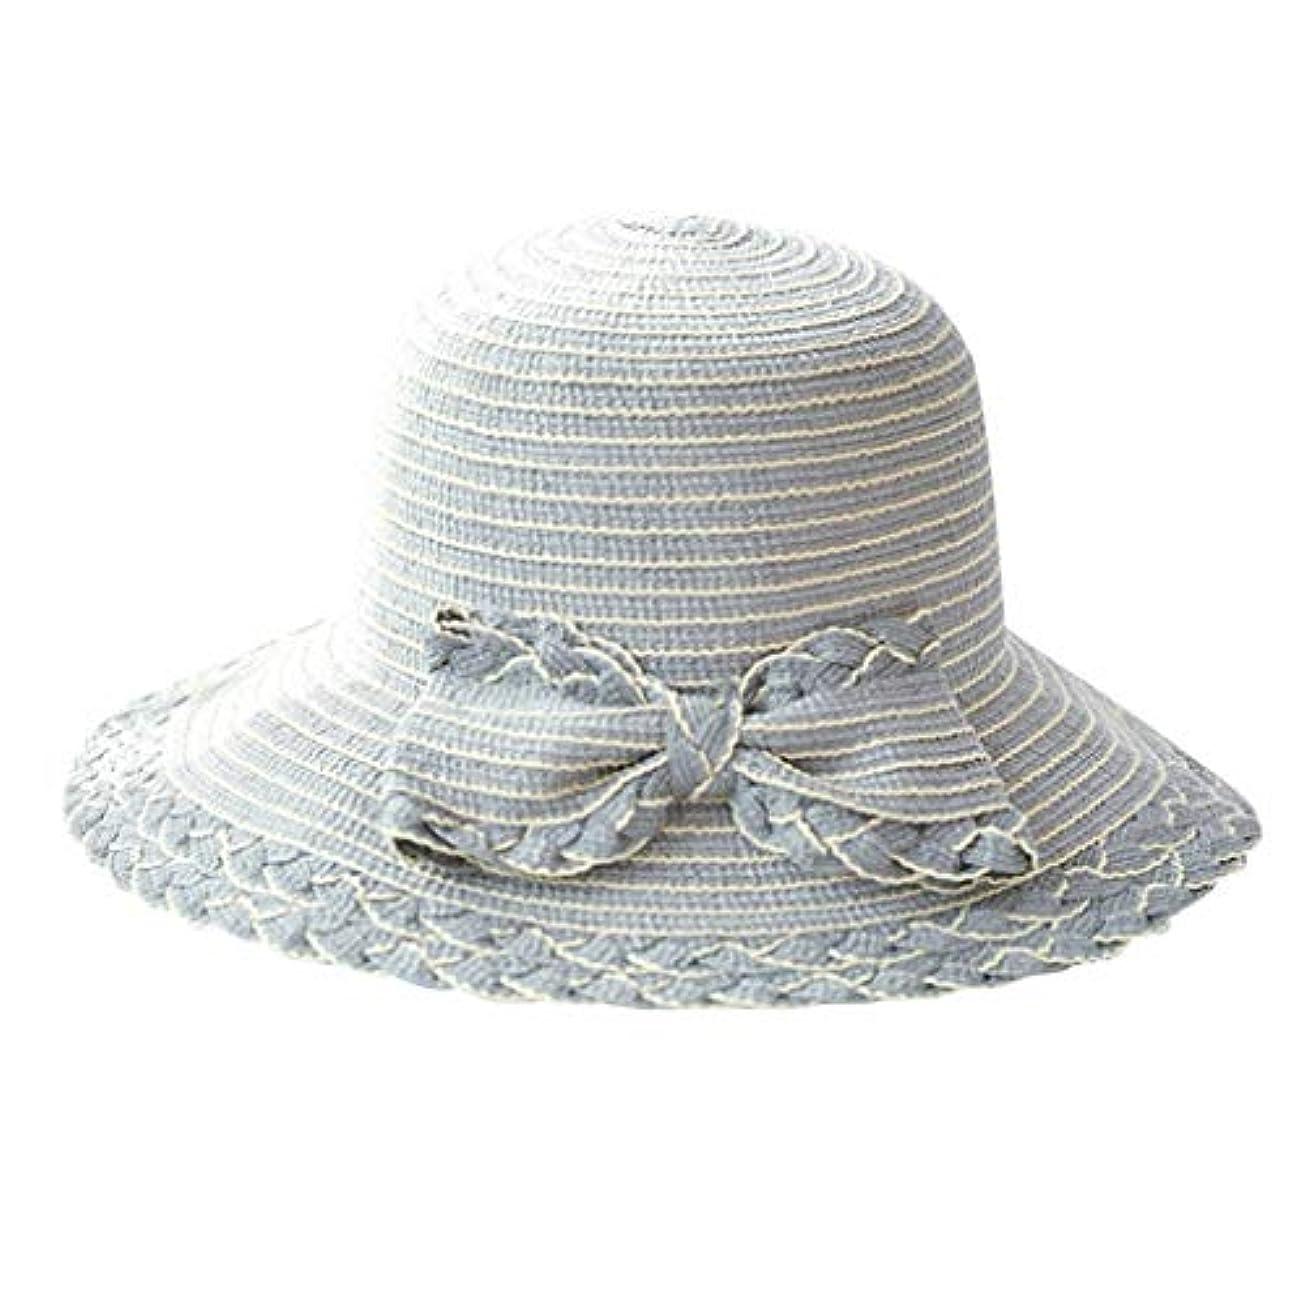 クライアント不名誉電話をかける夏 帽子 レディース UVカット 帽子 ハット レディース 日よけ 夏季 女優帽 日よけ 日焼け 折りたたみ 持ち運び つば広 吸汗通気 ハット レディース 紫外線対策 小顔効果 ワイヤー入る ハット ROSE ROMAN